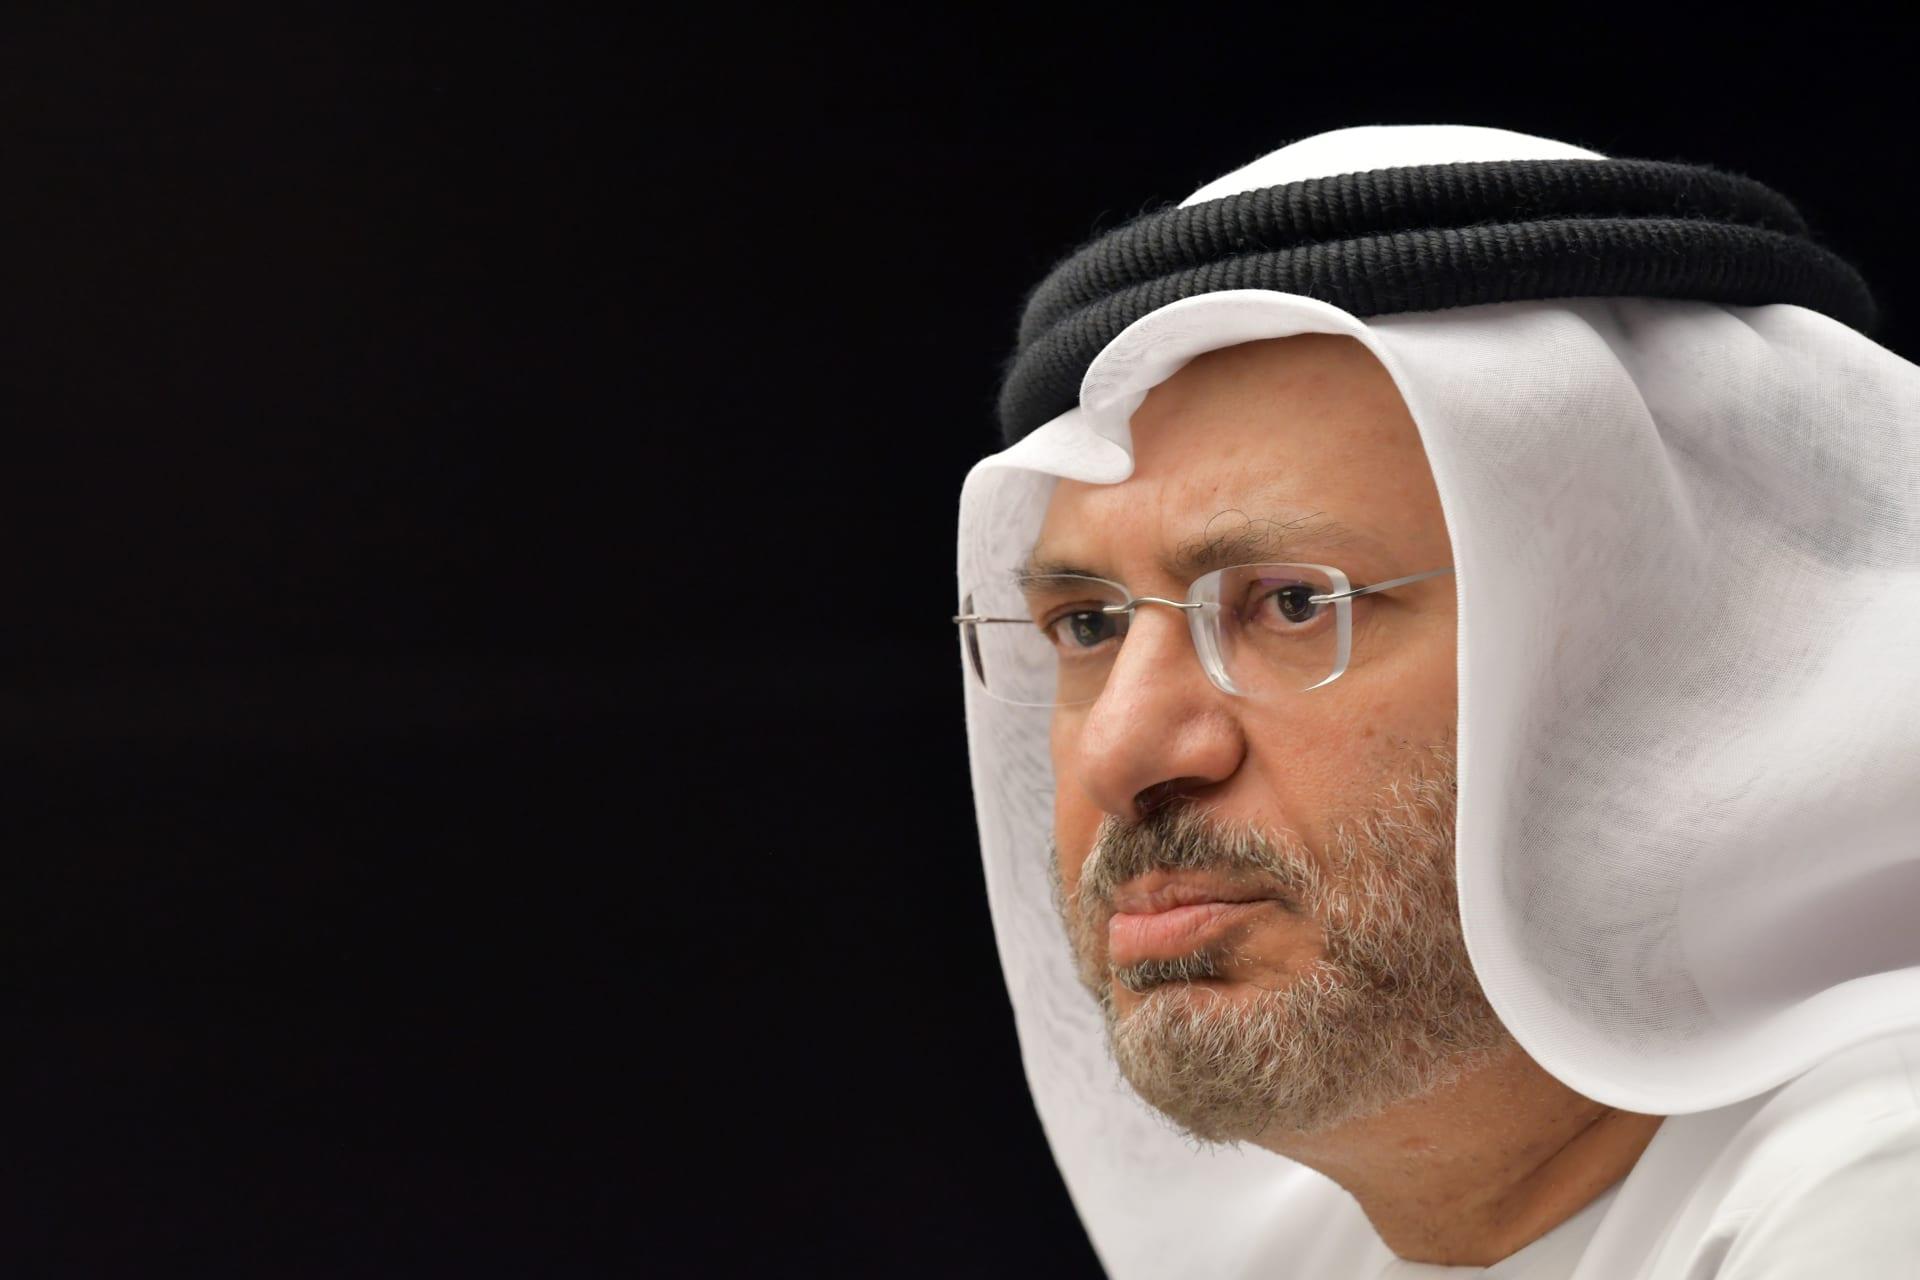 قرقاش: حملة تشويه تستهدف الإمارات لتحملها مسؤولية أمن المنطقة